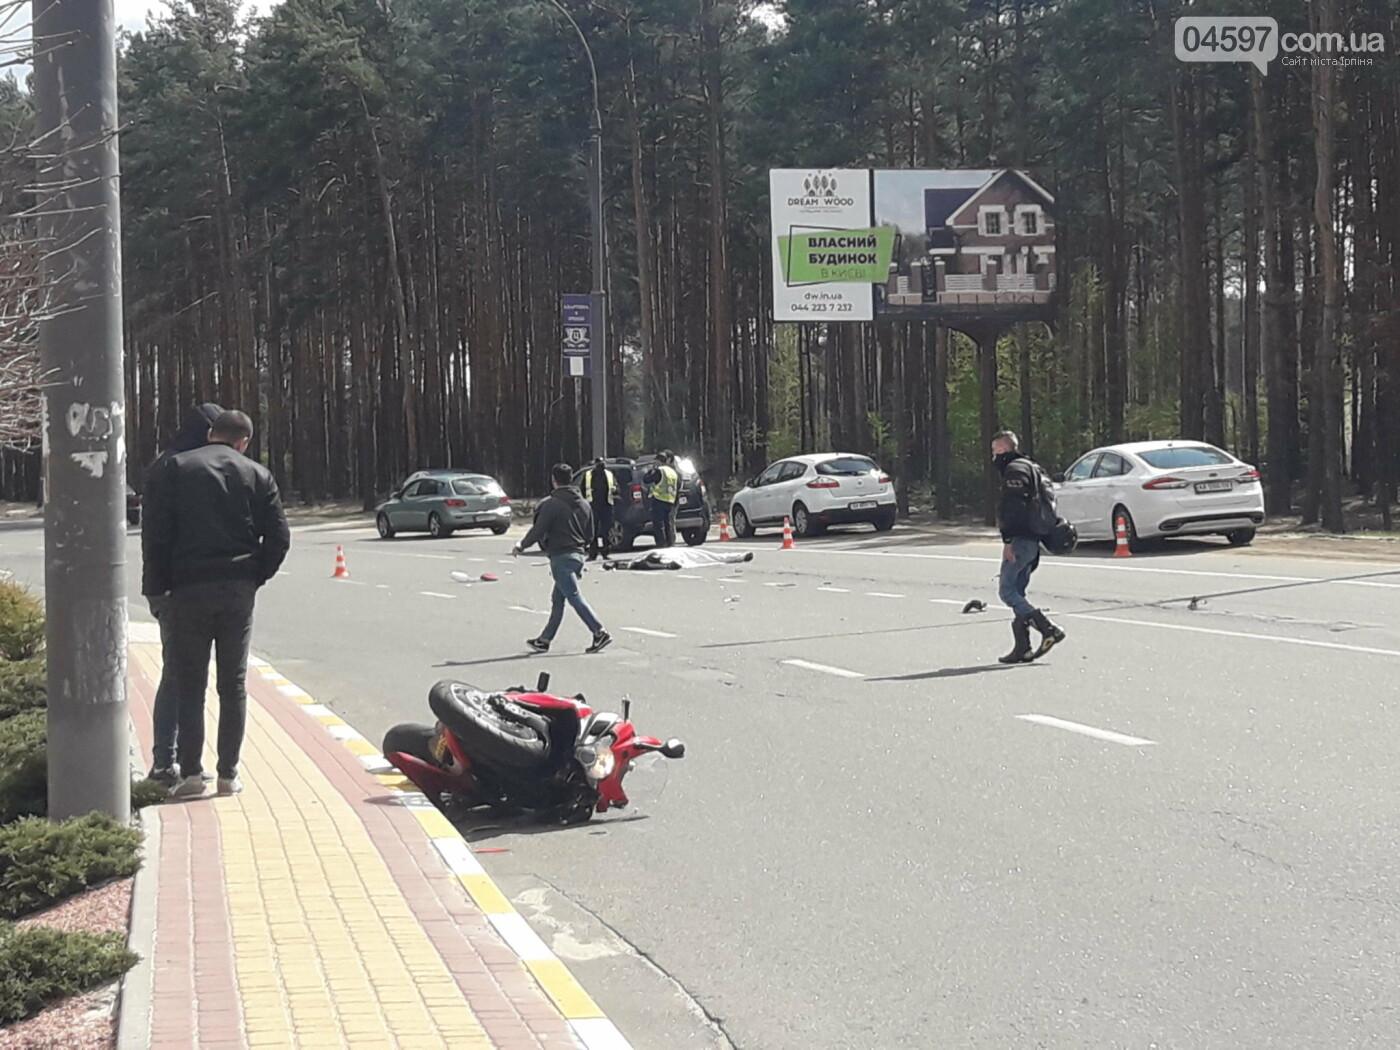 В Ірпені в ДТП загинув мотоцикліст- адвокат шукає свідків, фото-1